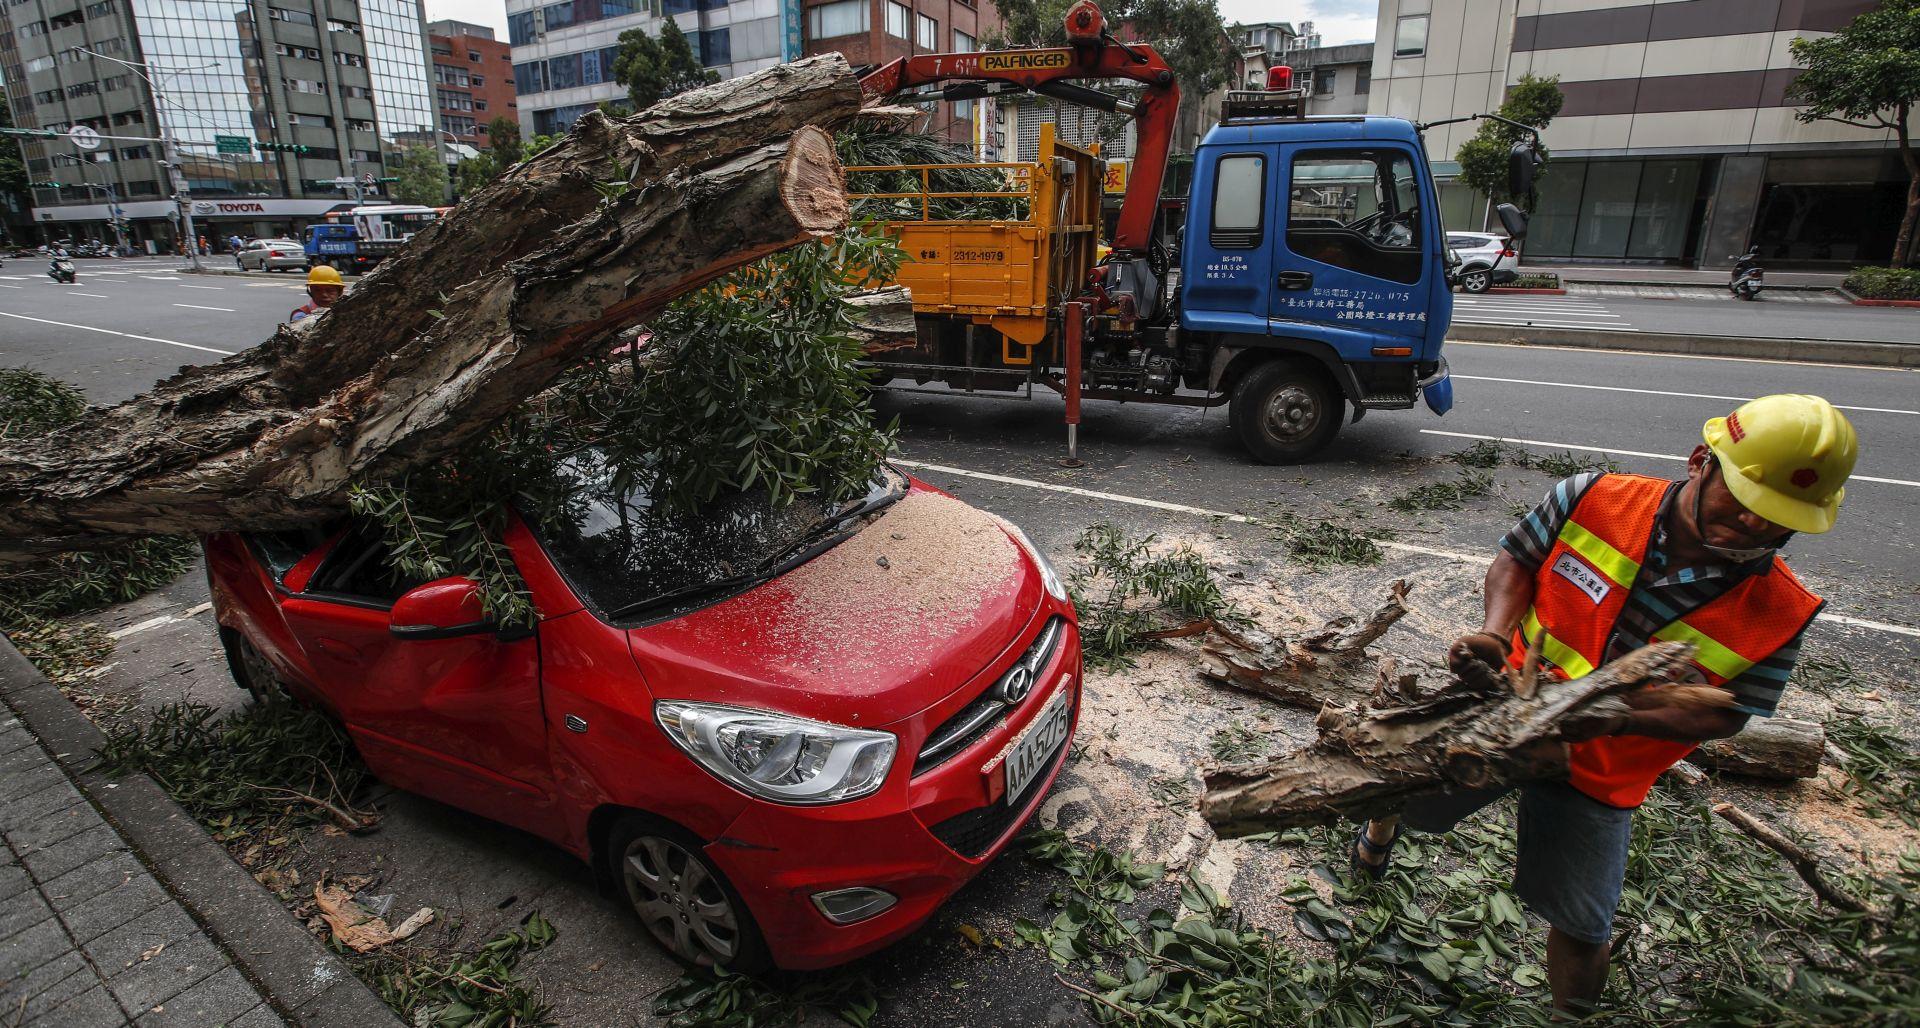 Tajfun Nesat pogodio Tajvan, ozlijeđeno više od 80 ljudi